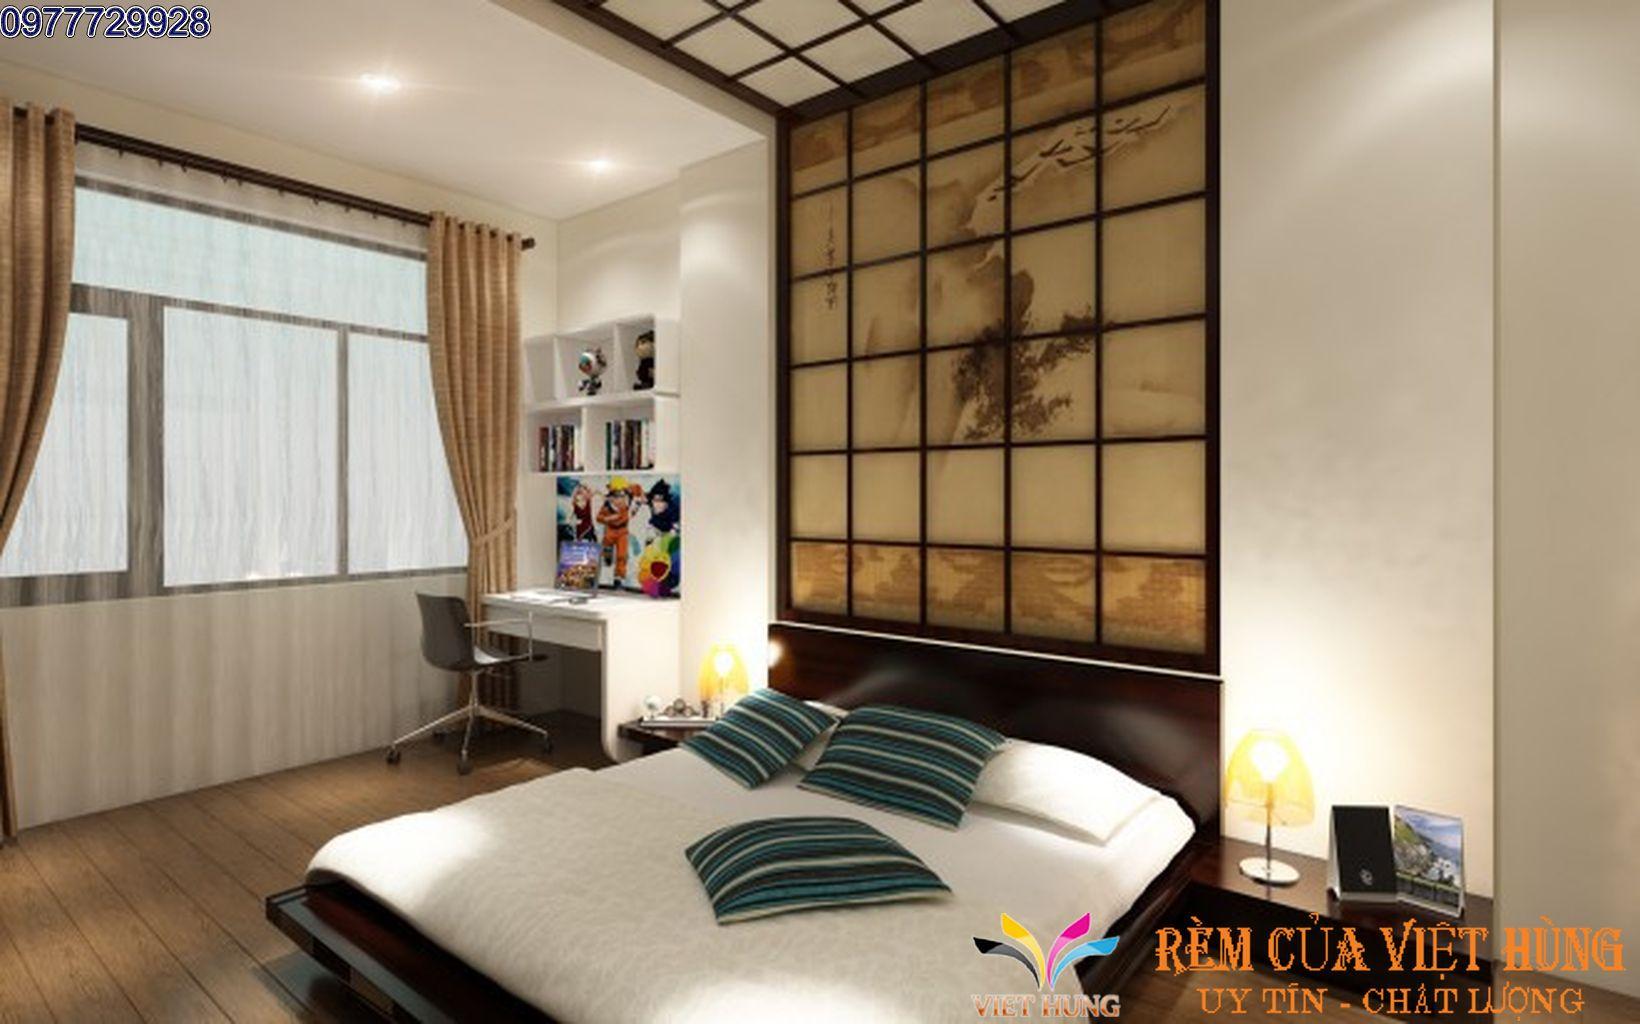 Rèm Cửa Phòng Ngủ VH 990-12